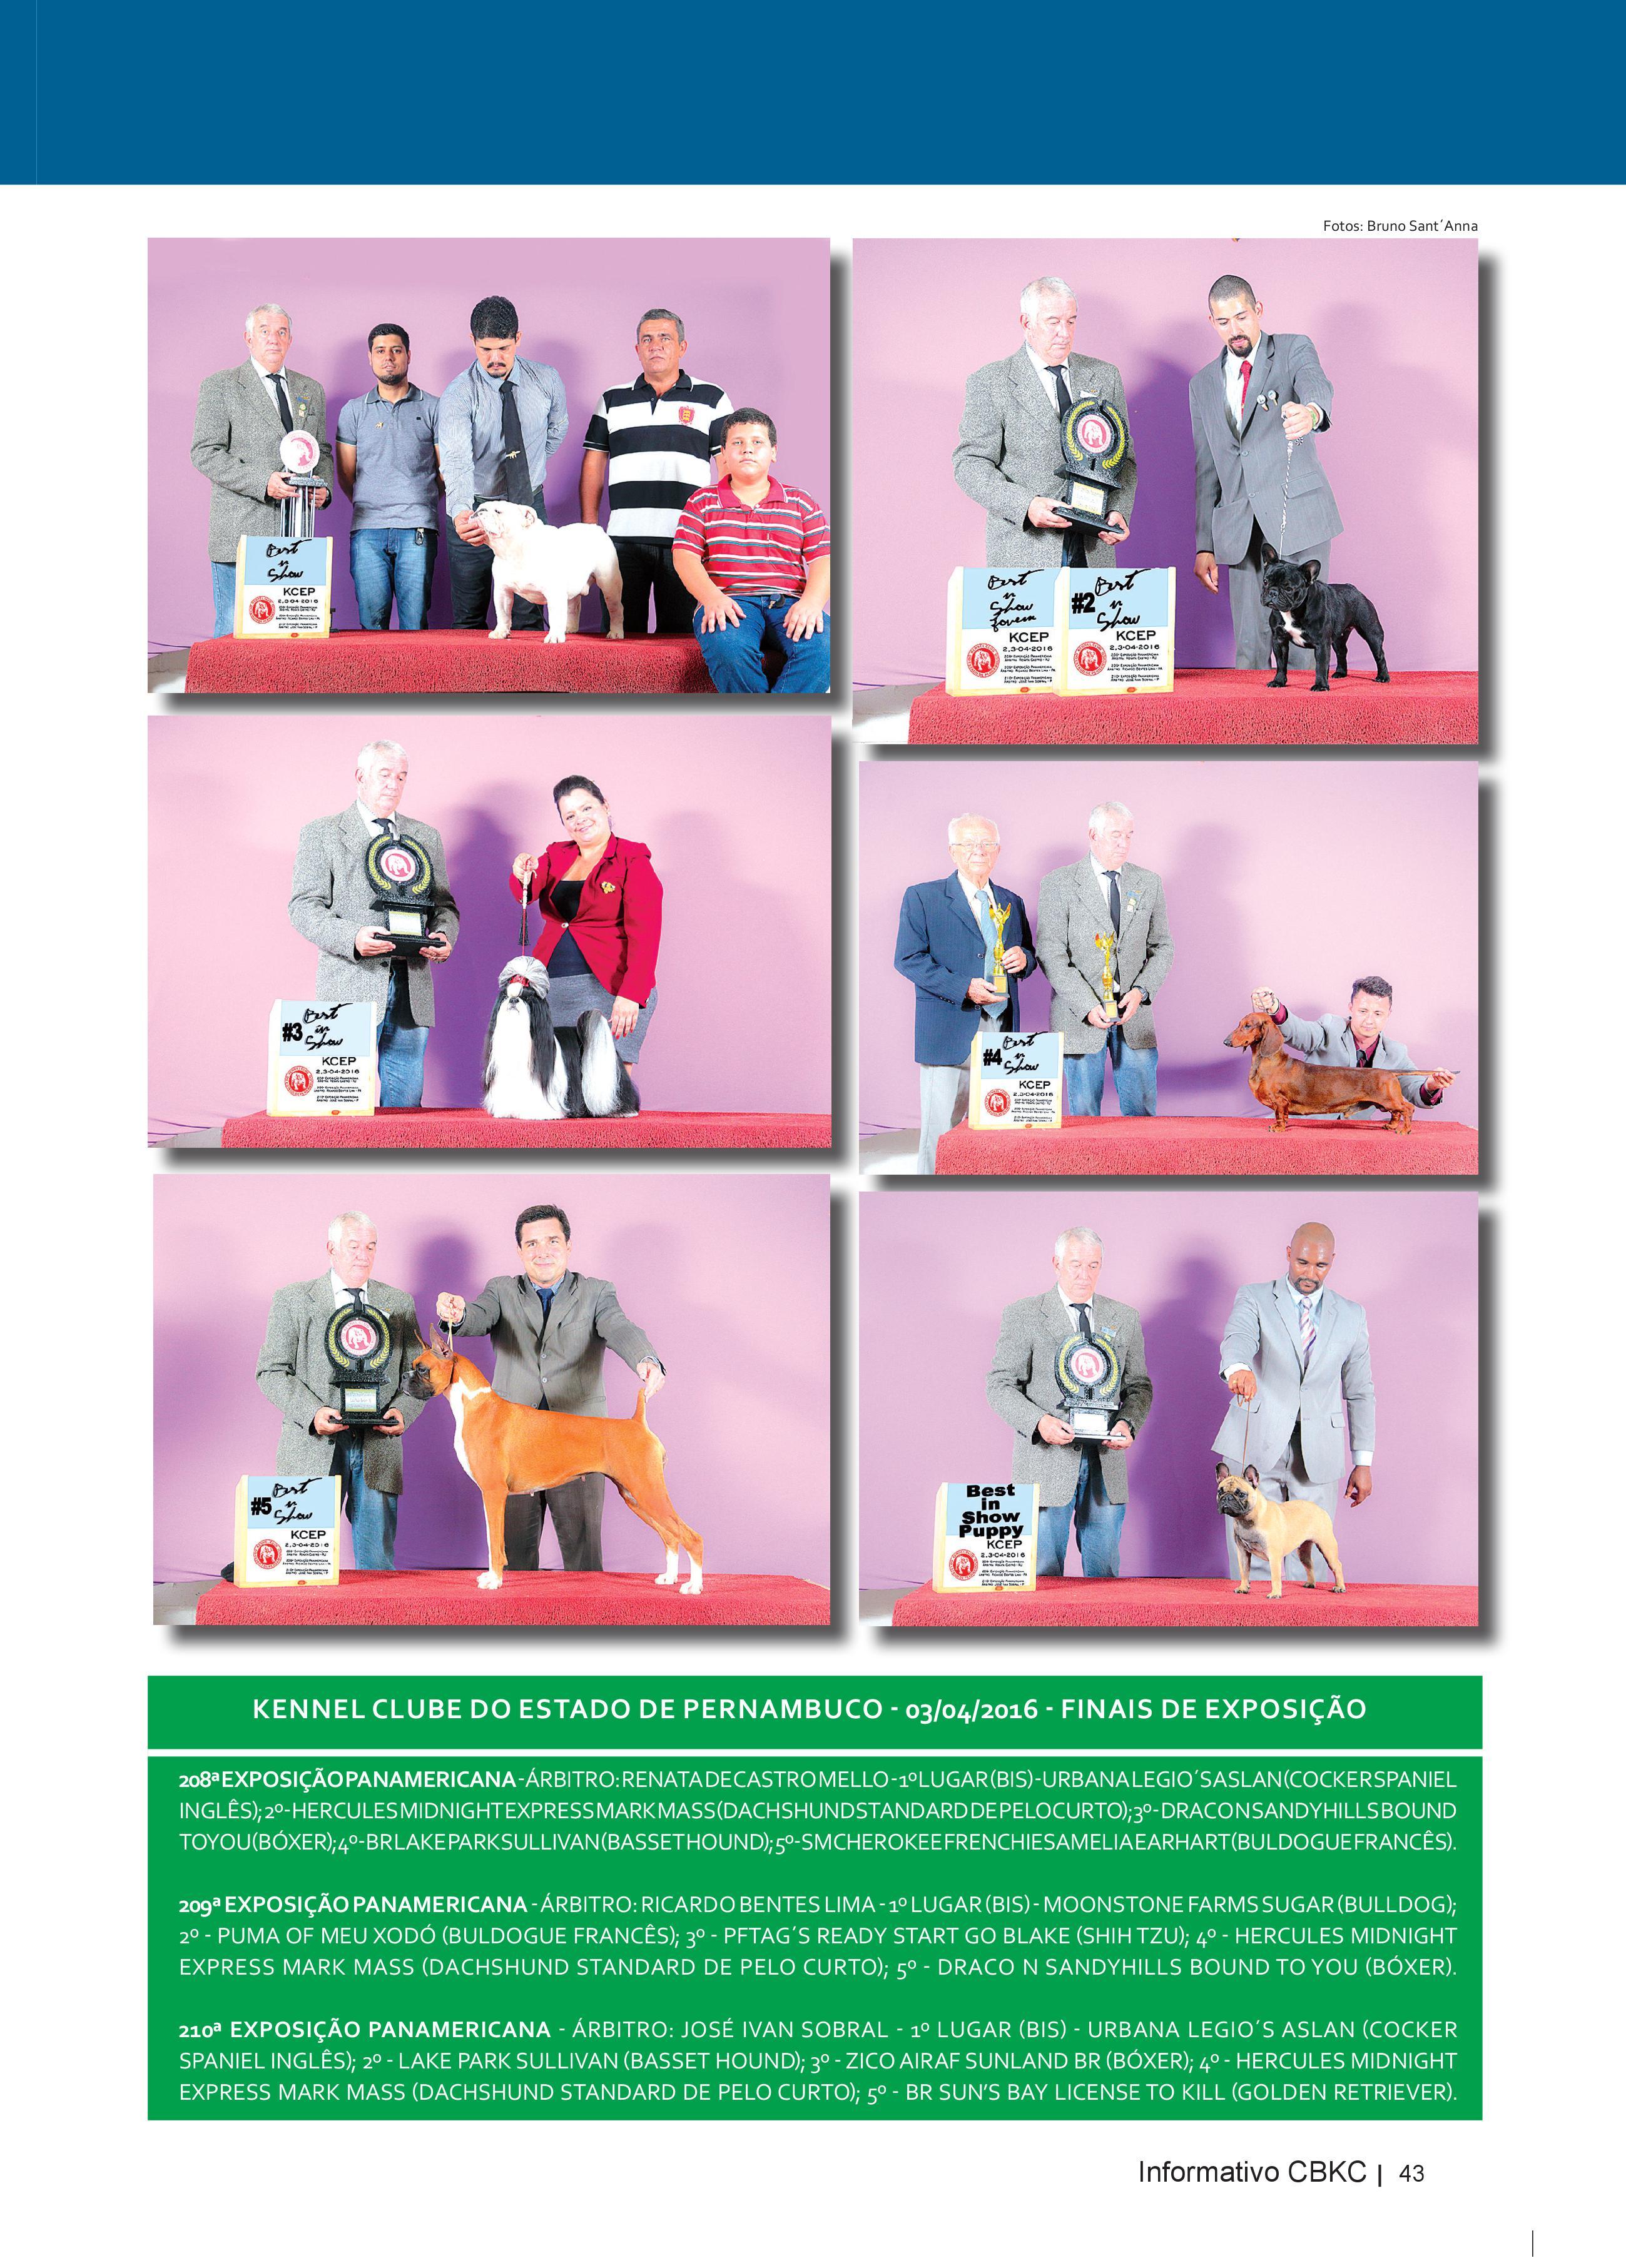 Pagina 43| Edição 52 do Informativo CBKC